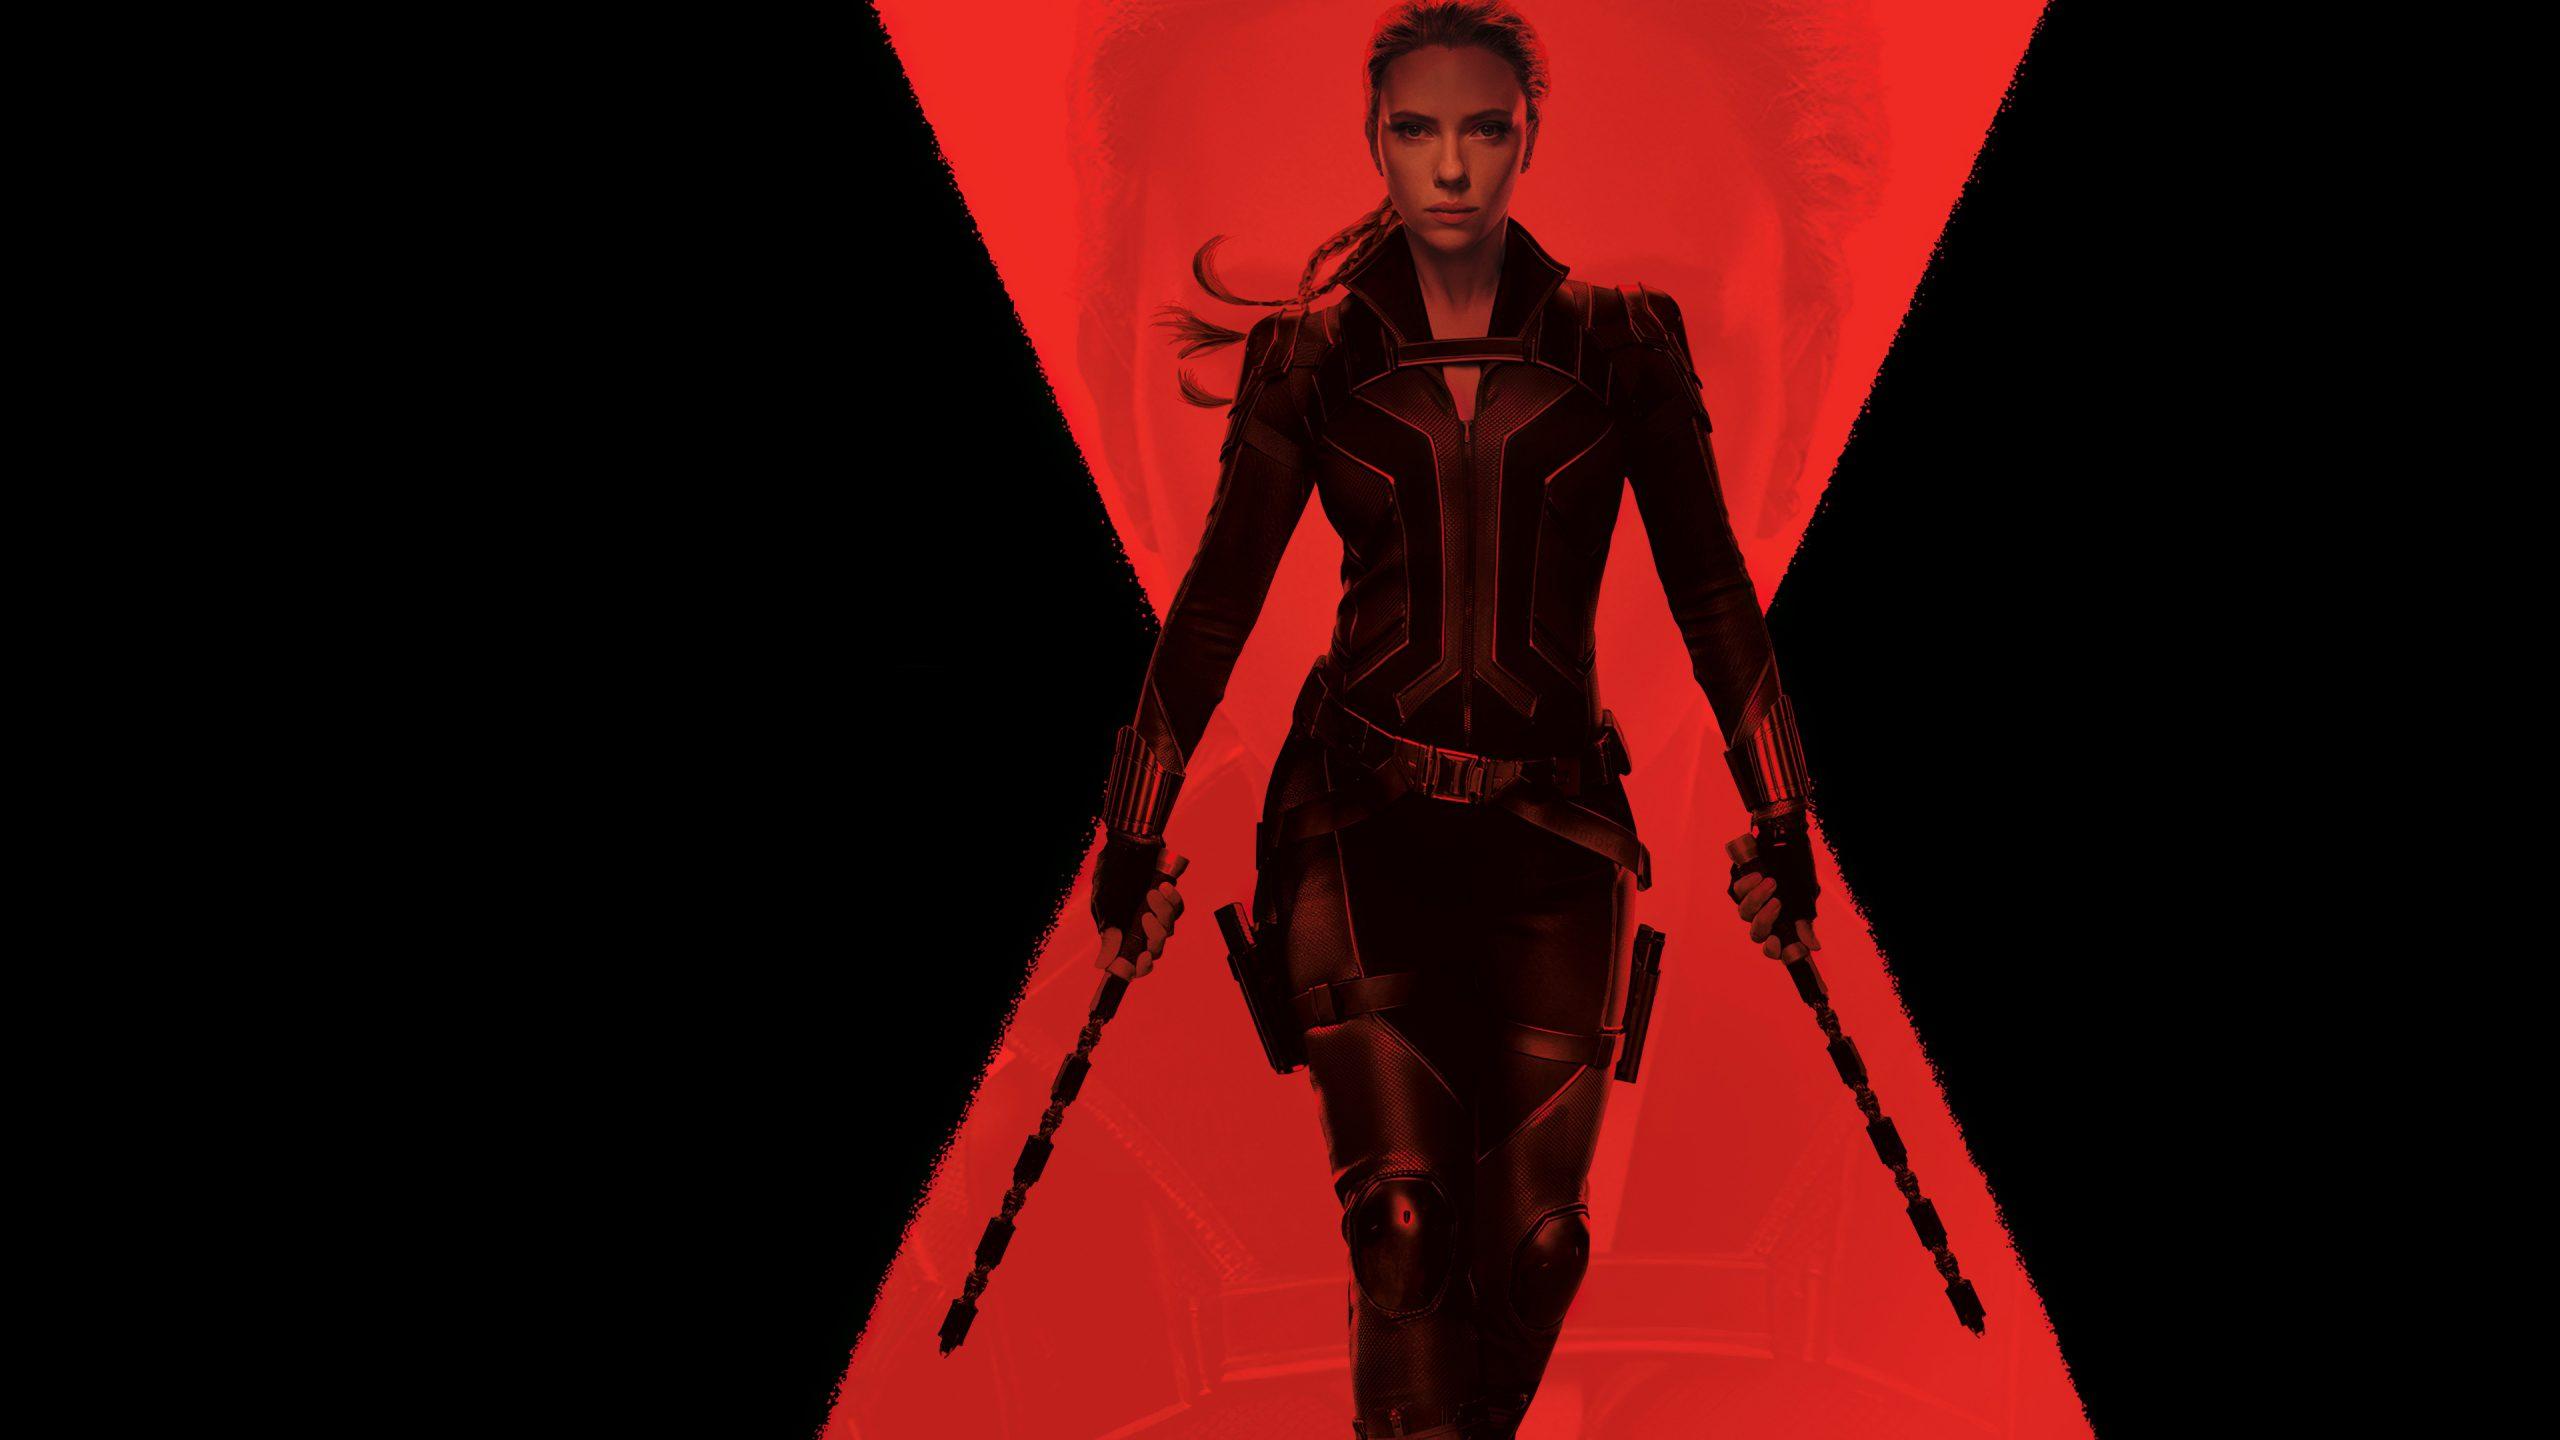 imagen promocional de black widow